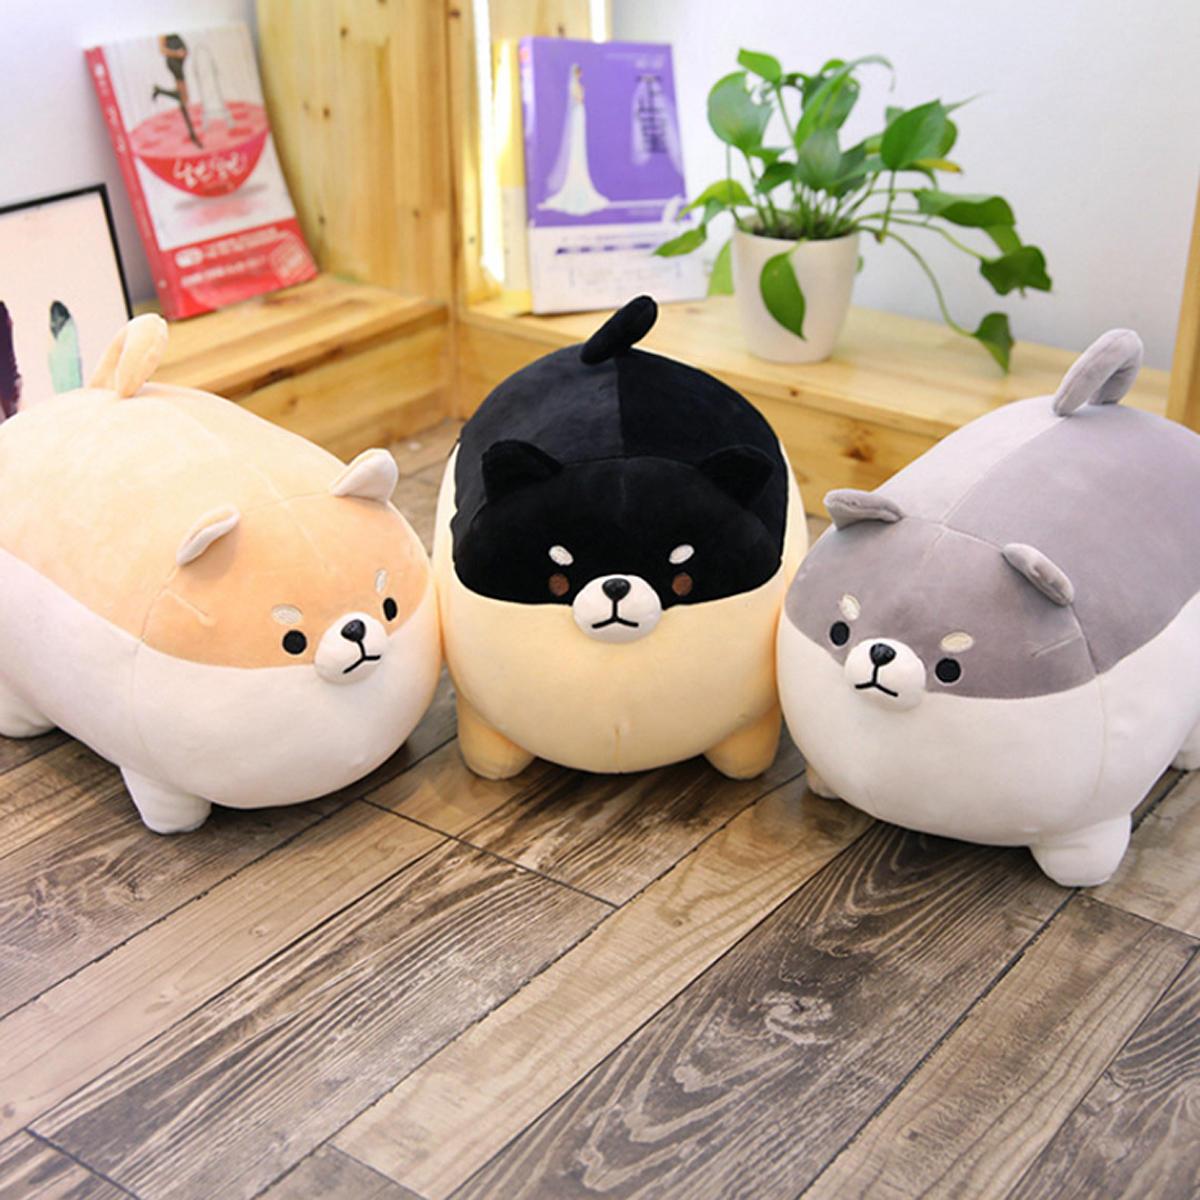 40/50CM Cute Fat Shiba Inu Corgi Doll Pillow Dog Plush Stuffed Kawaii